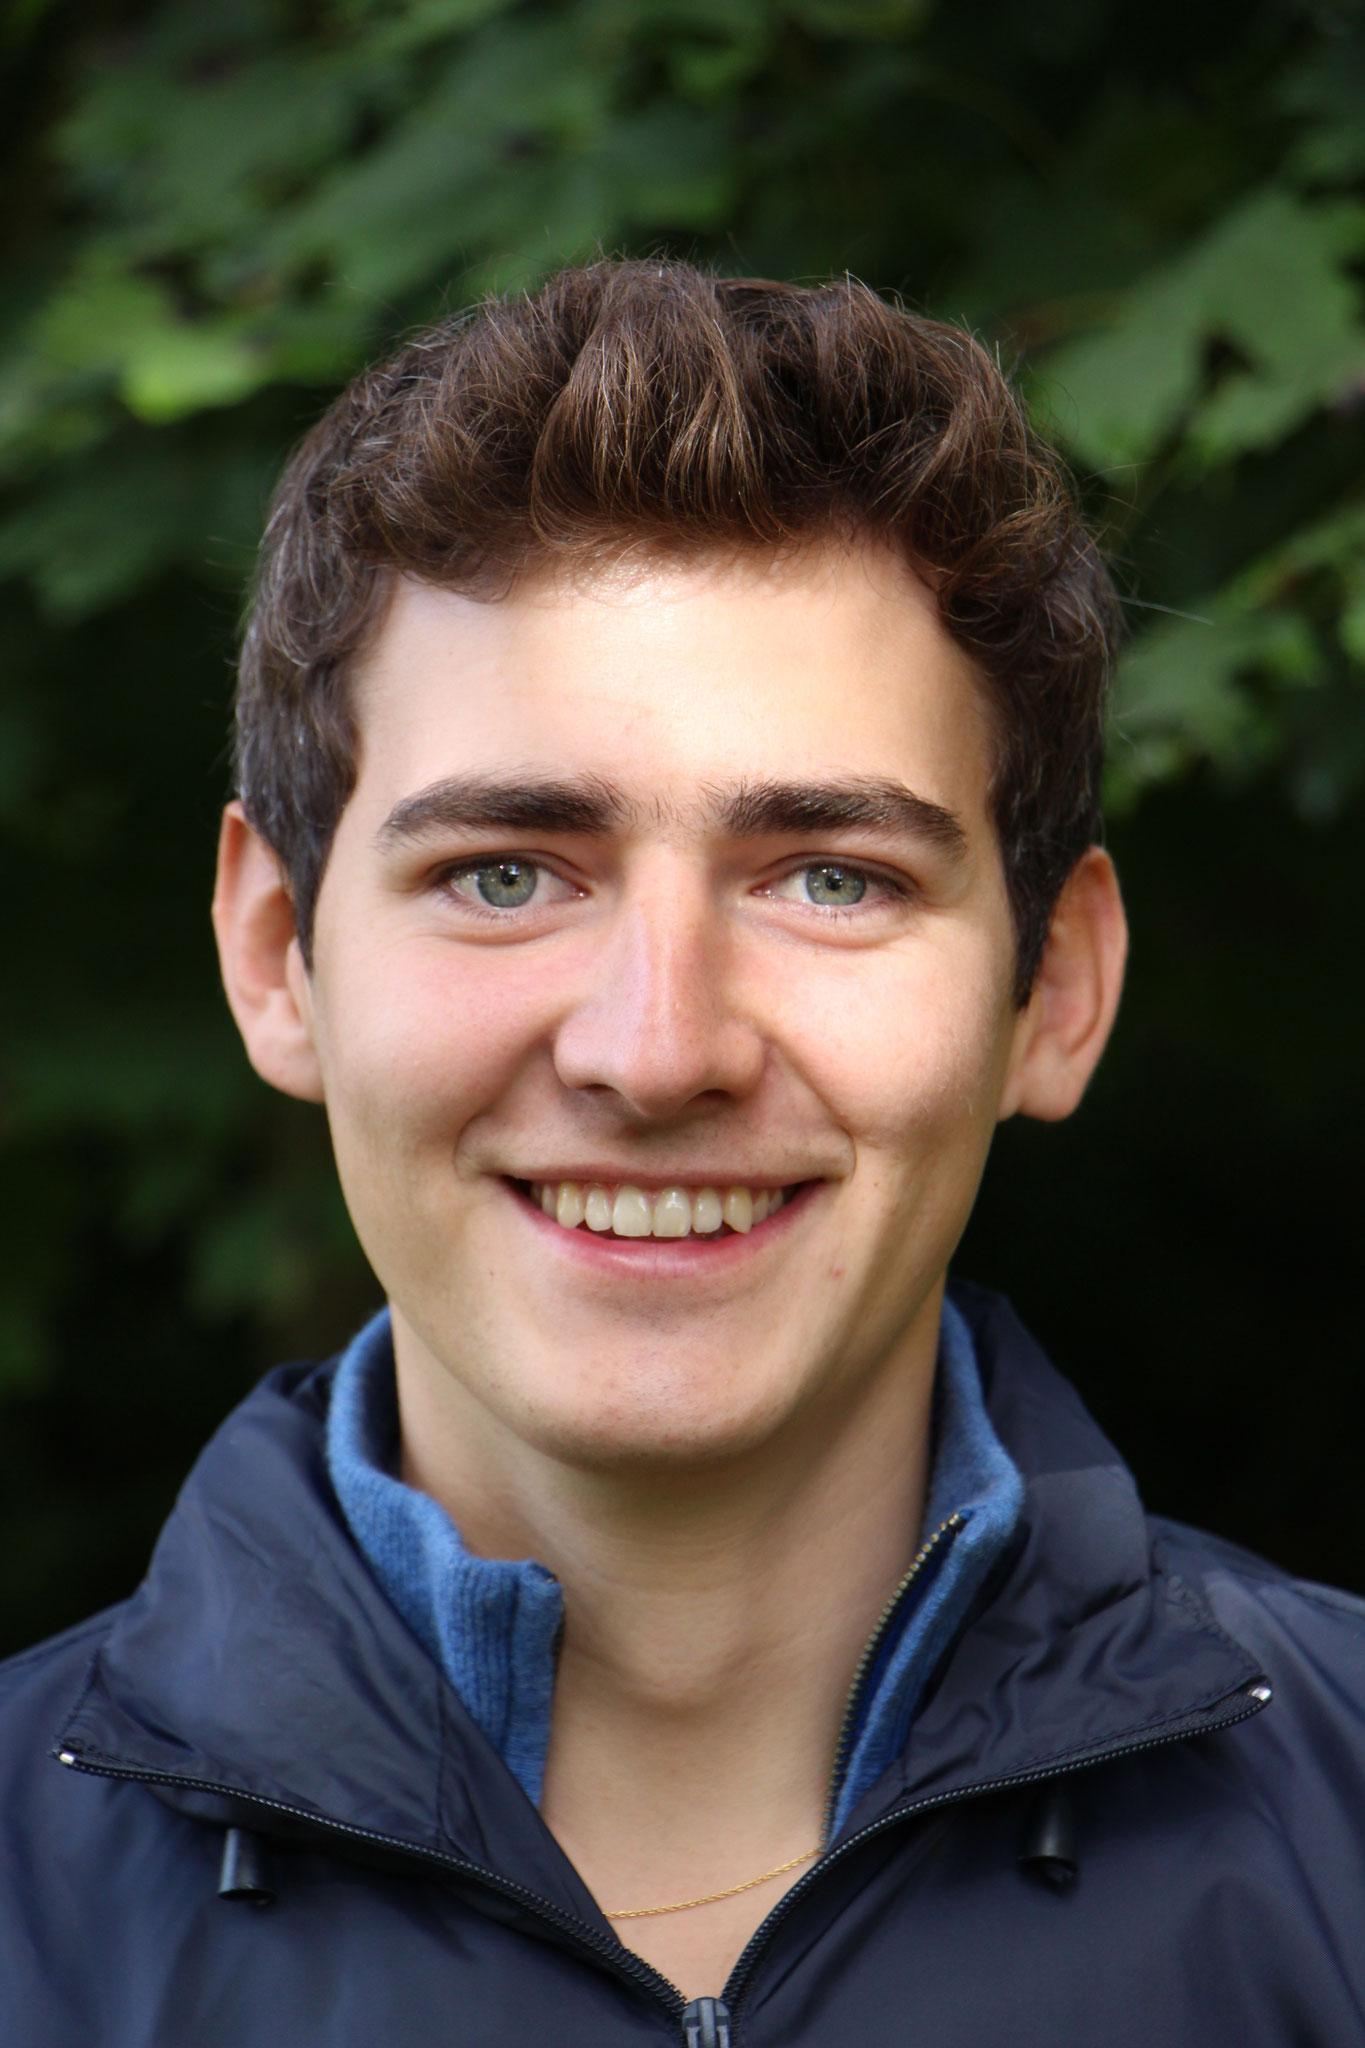 Urbain de La Rochefoucauld, 21 ans, Etudiant en école de commerce & Fromager